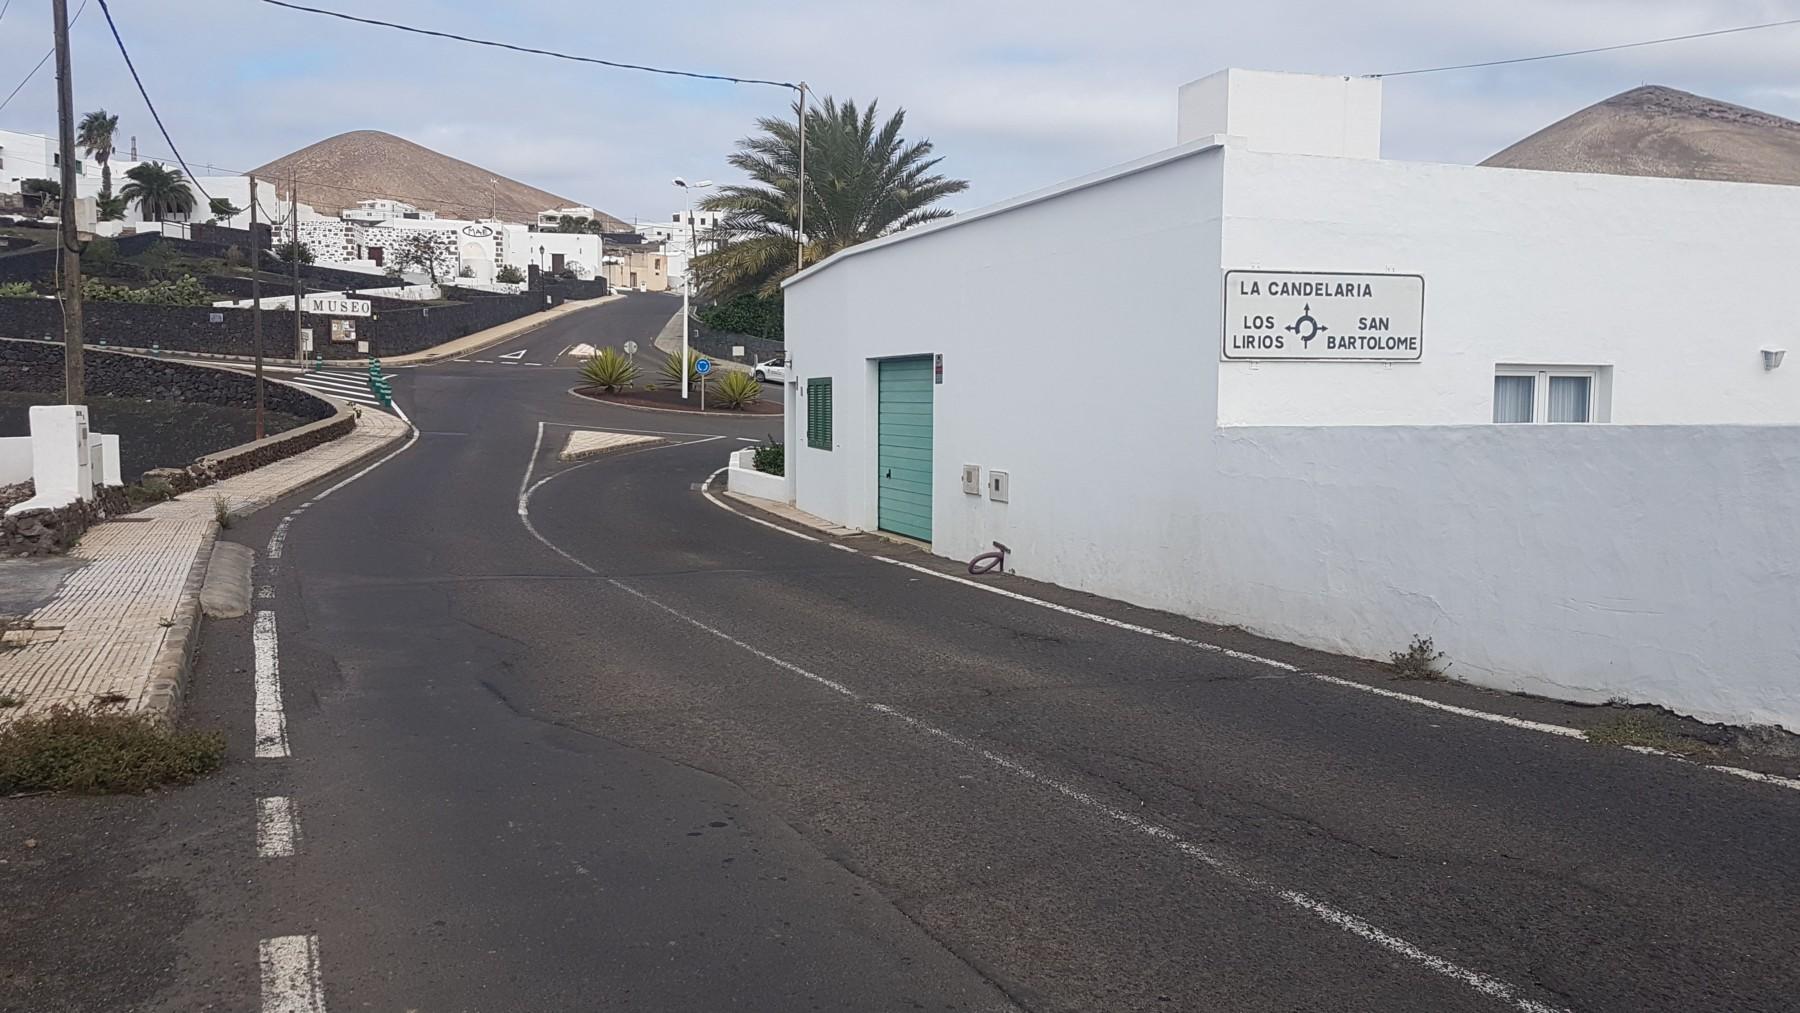 El Cabildo de Lanzarote anuncia el comienzo de las obras de adecuación de los accesos al pueblo de Tías